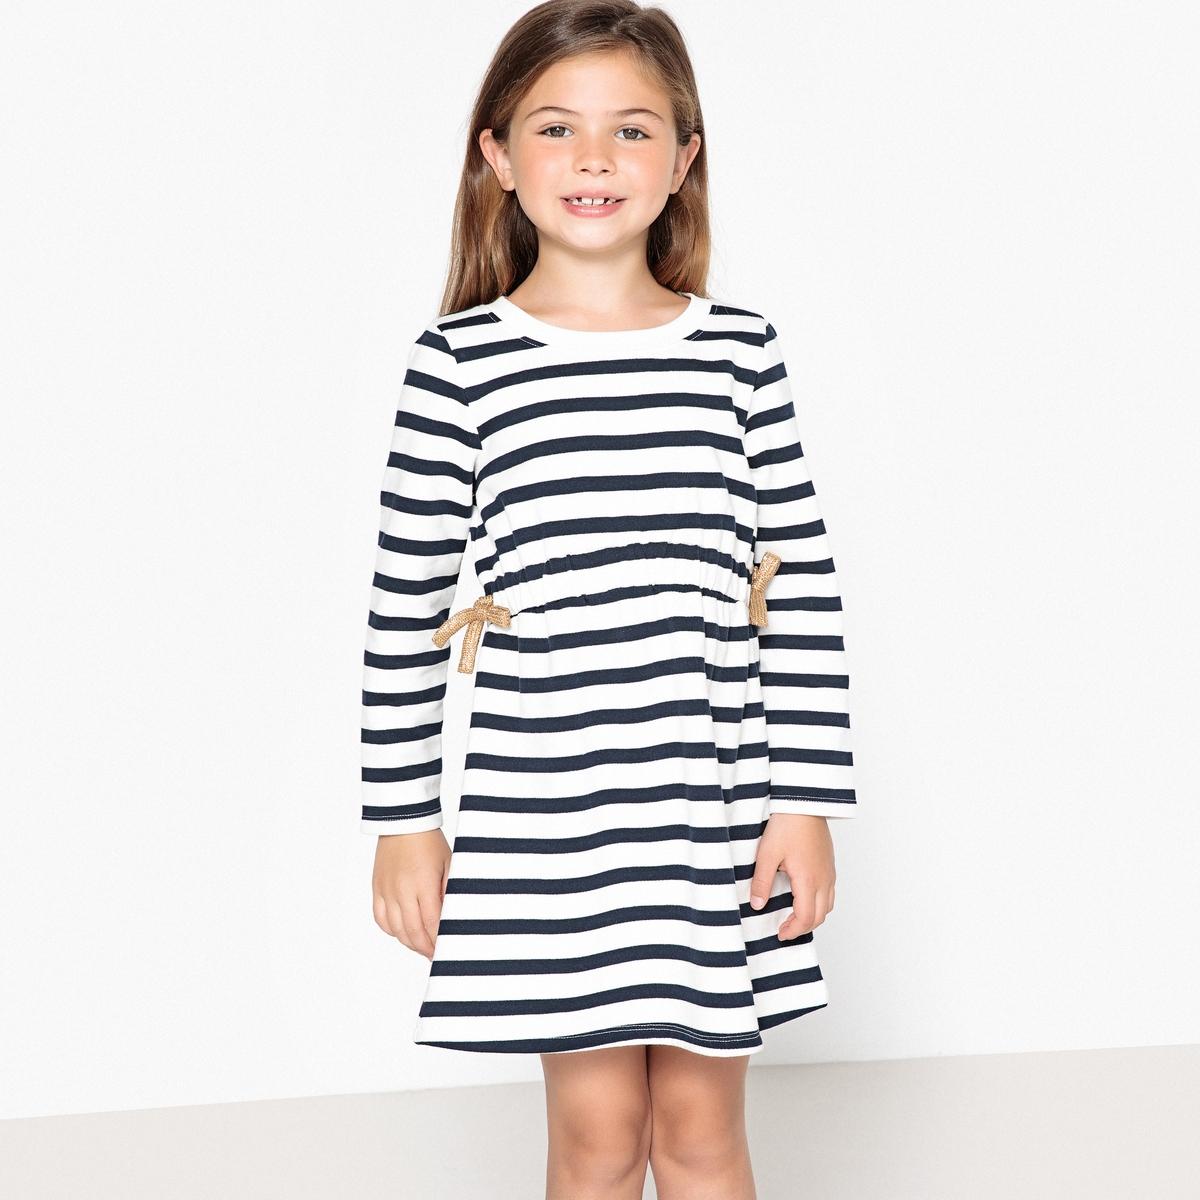 Платье в полоску с эластичным поясом из мольтона, 3-12 лет